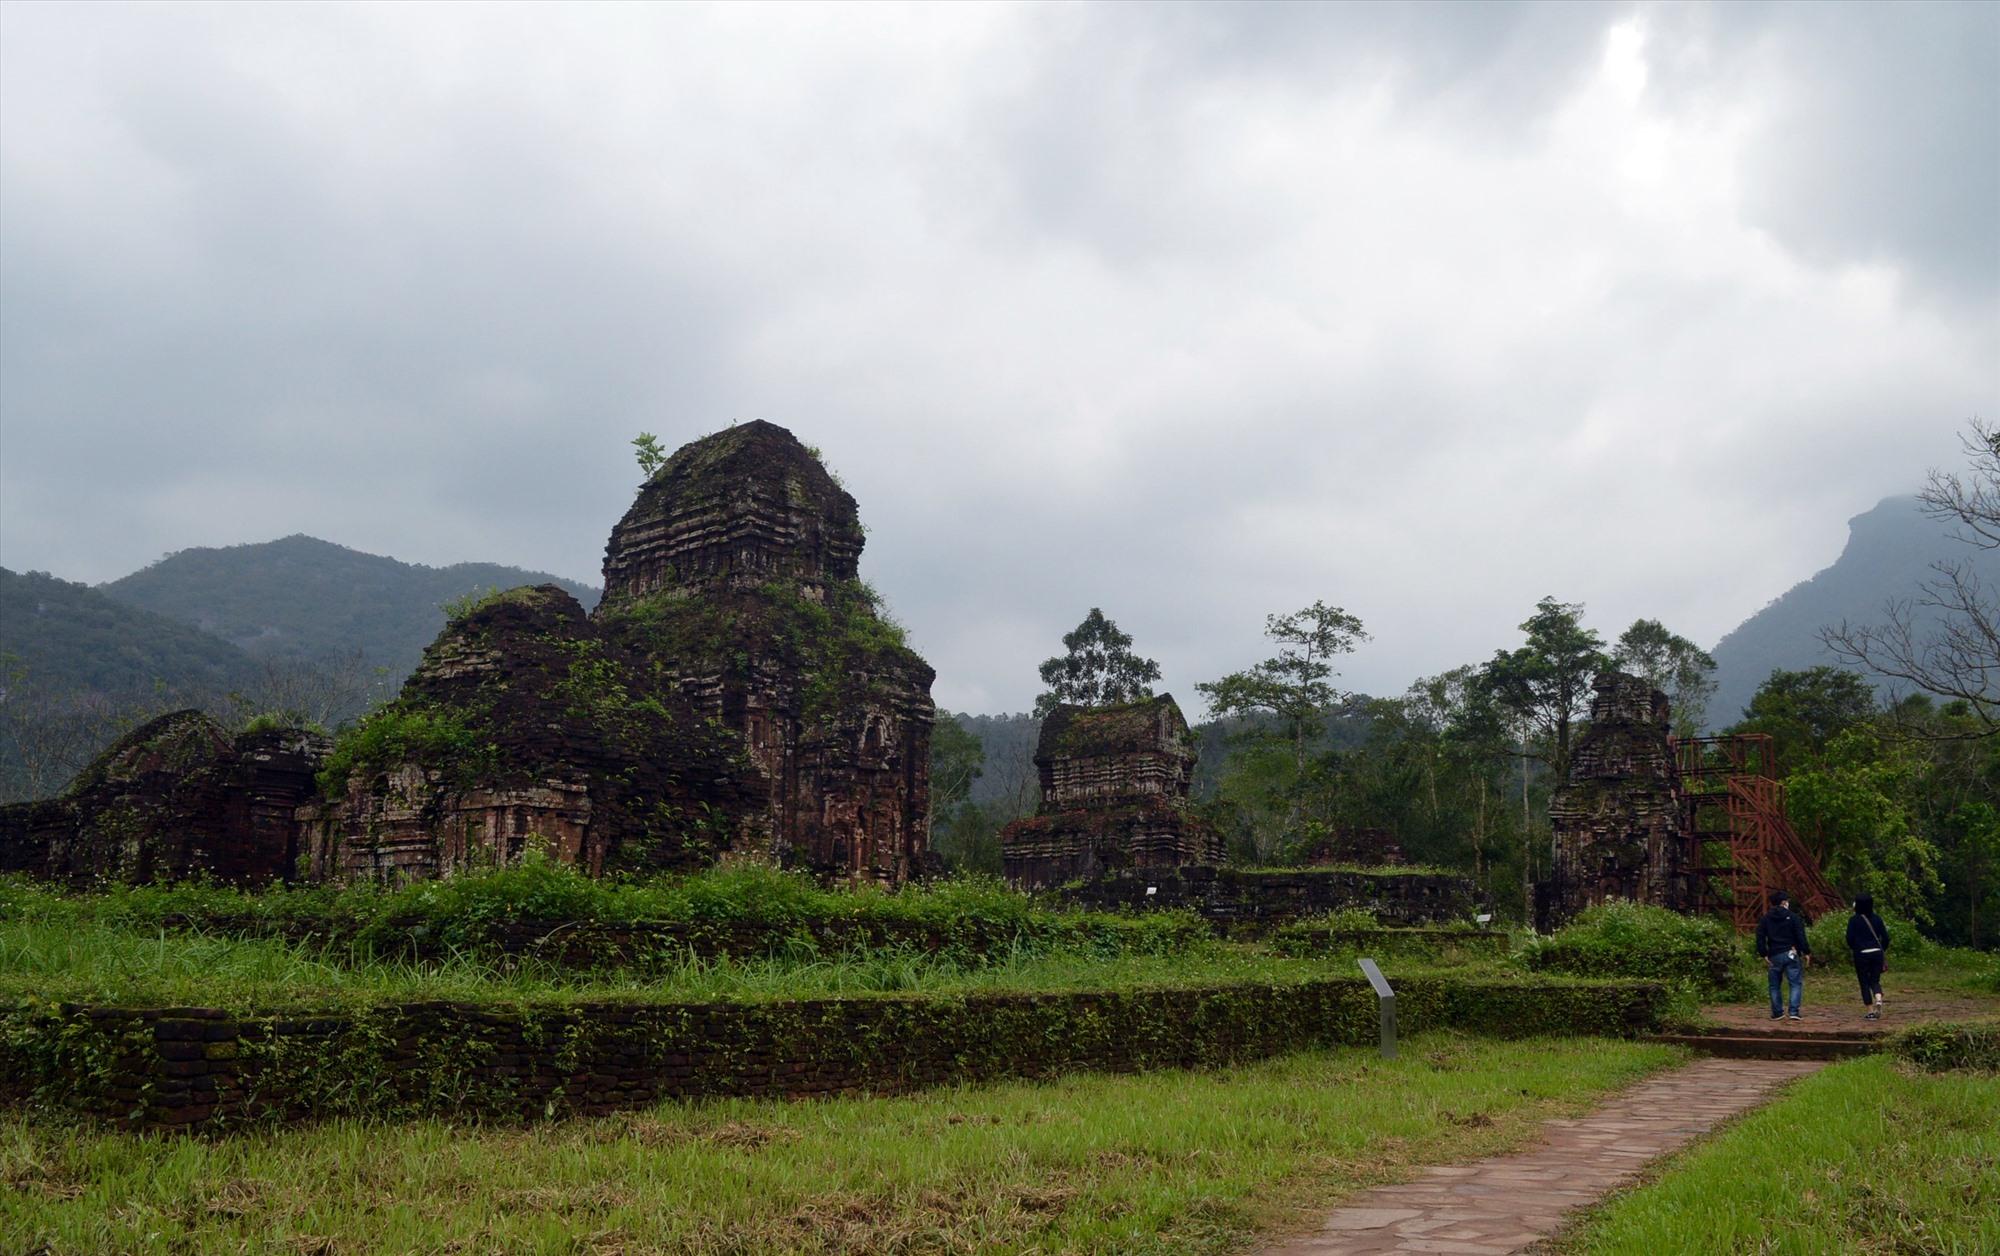 Dù đã sẳn sàng các phương án nhưng du lịch Quảng Nam khó thể mở cửa trong thời gian sớm